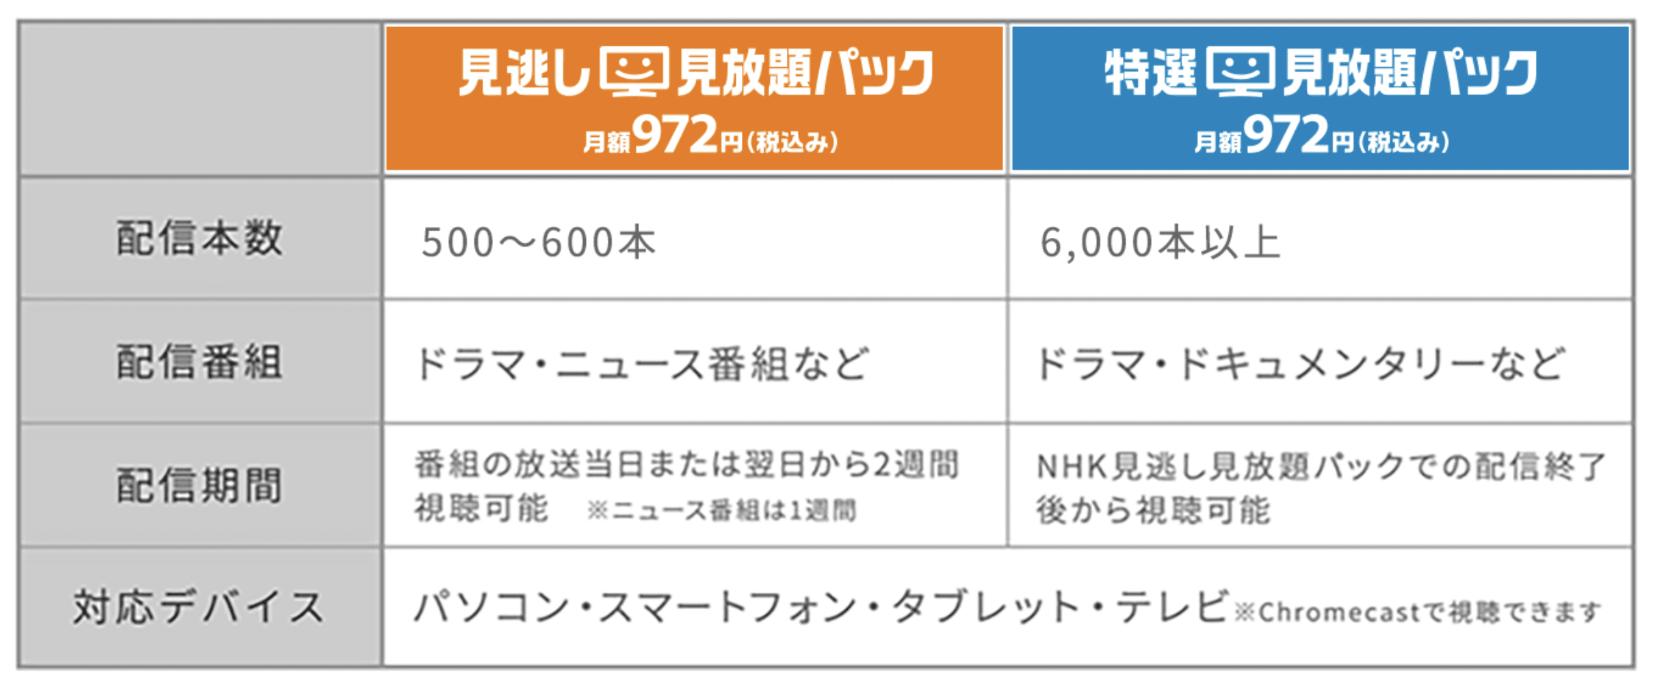 NHKオンデマンドのプラン